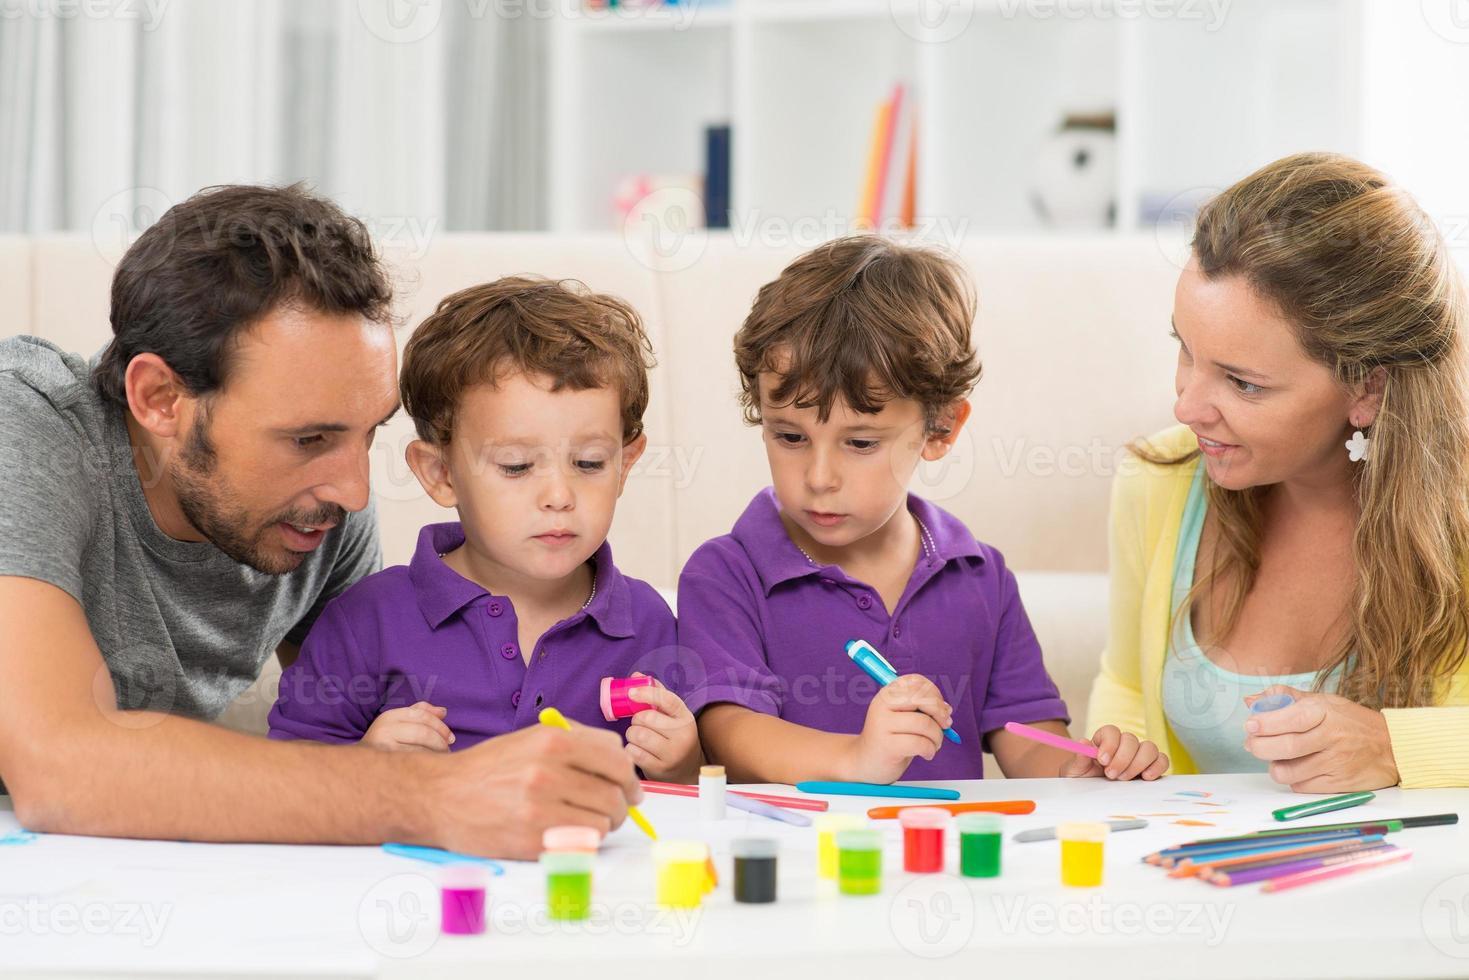 peinture de famille photo